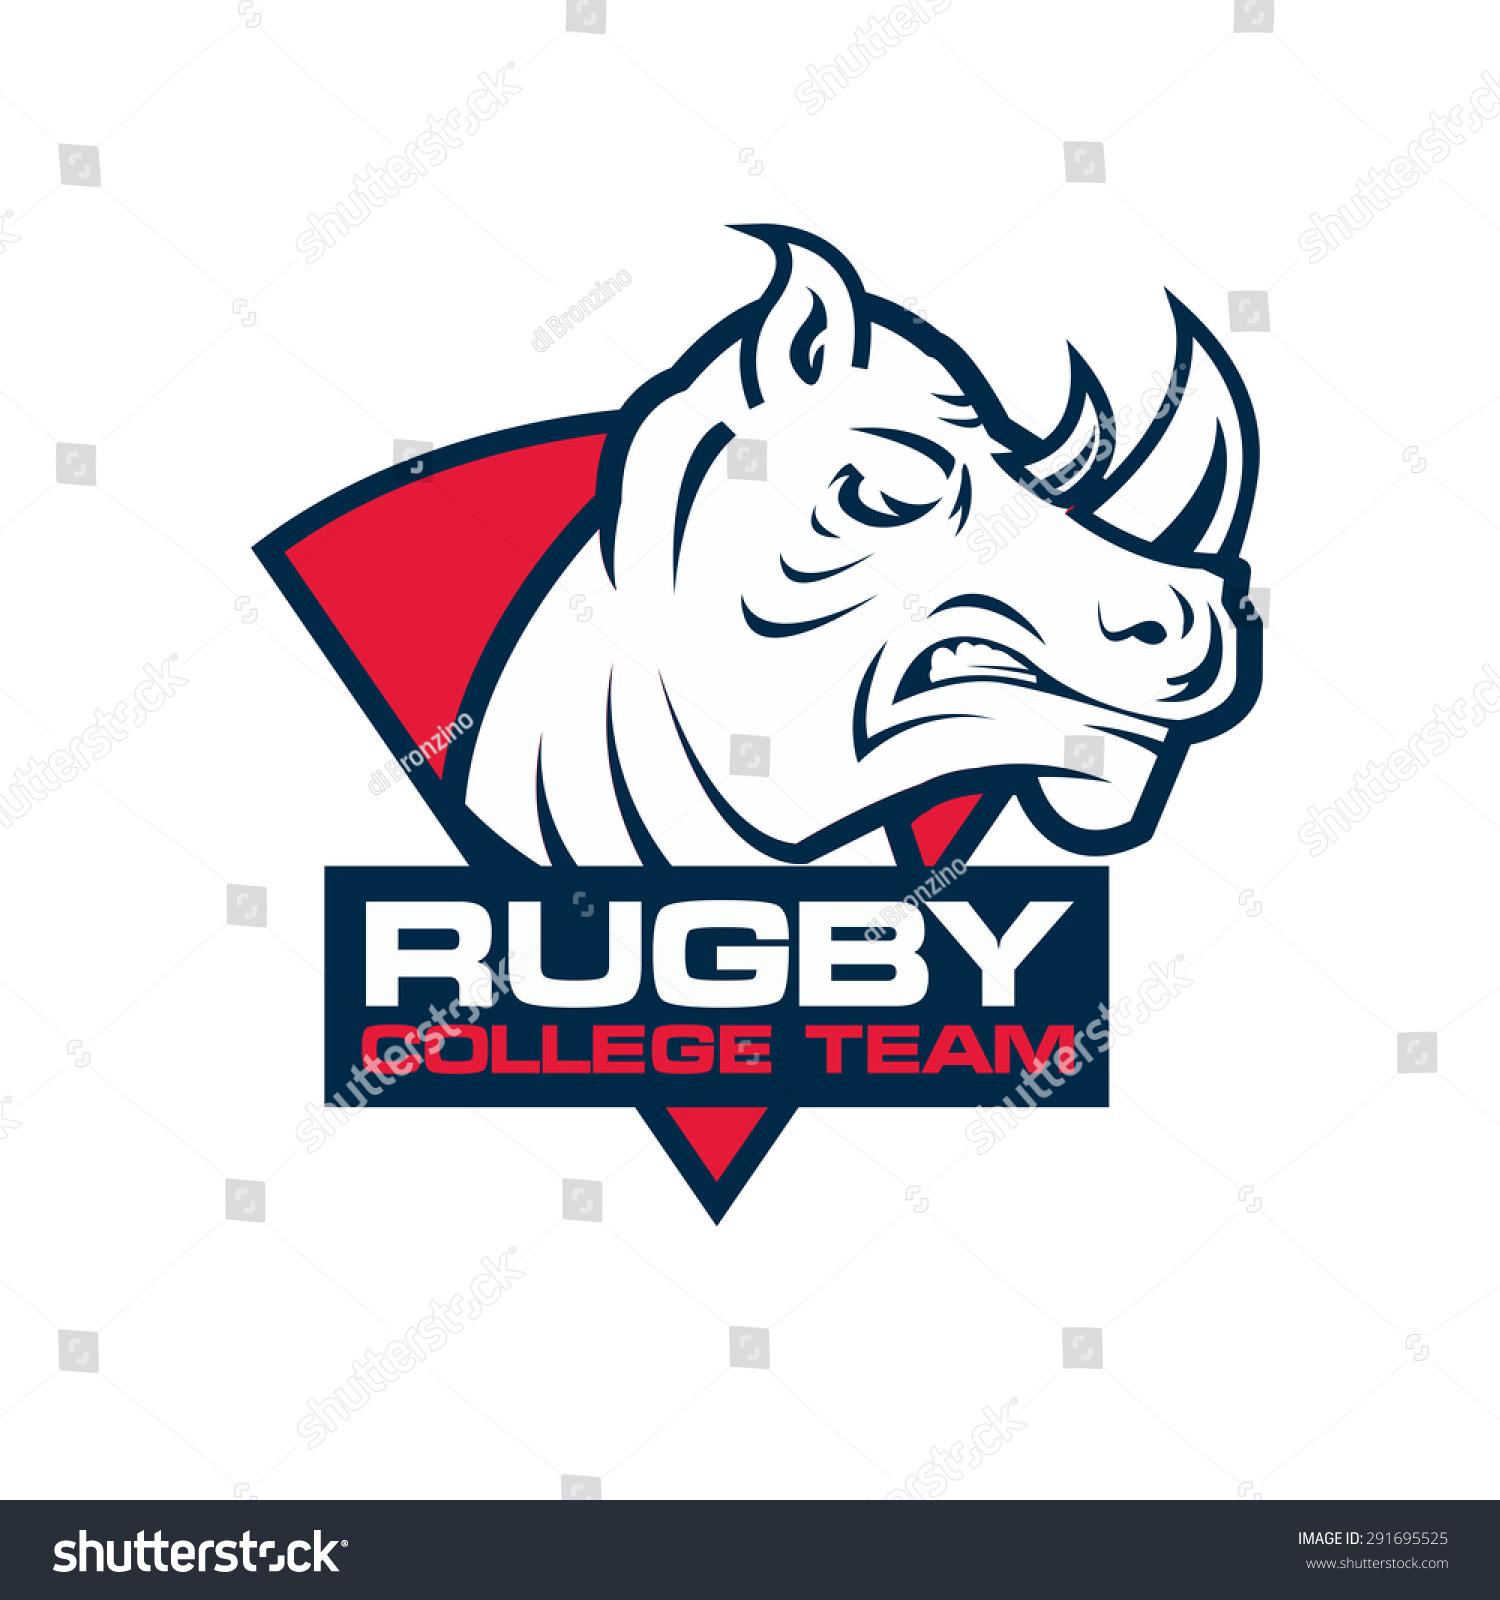 Flatliners Paramedic Rugby Football Club: Royalty-free Rhino Head Sport Logo. Rugby Badge